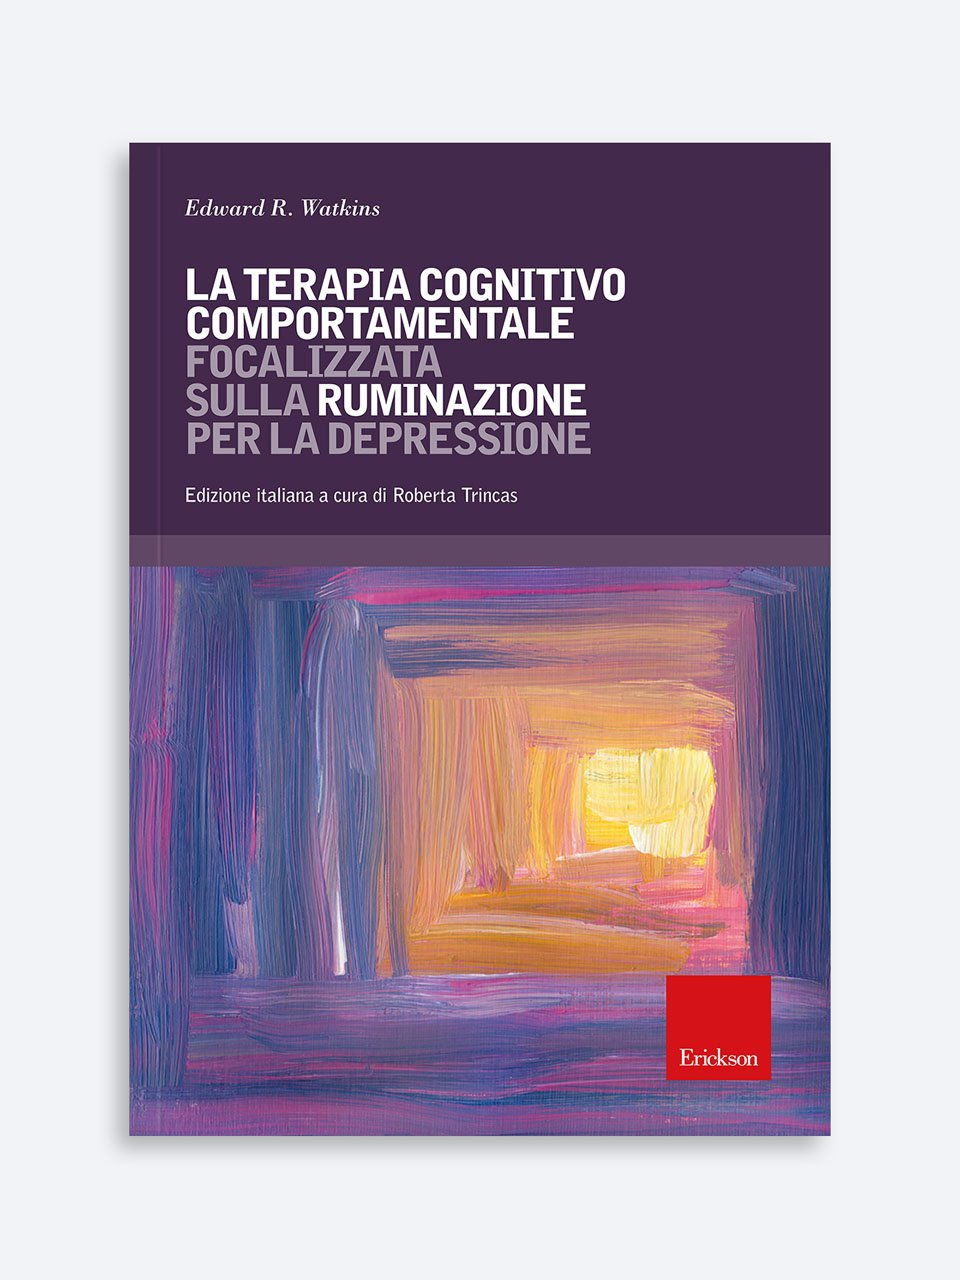 La terapia cognitivo comportamentale focalizzata sulla ruminazione per la depressione - Superare la depressione - Libri - Erickson